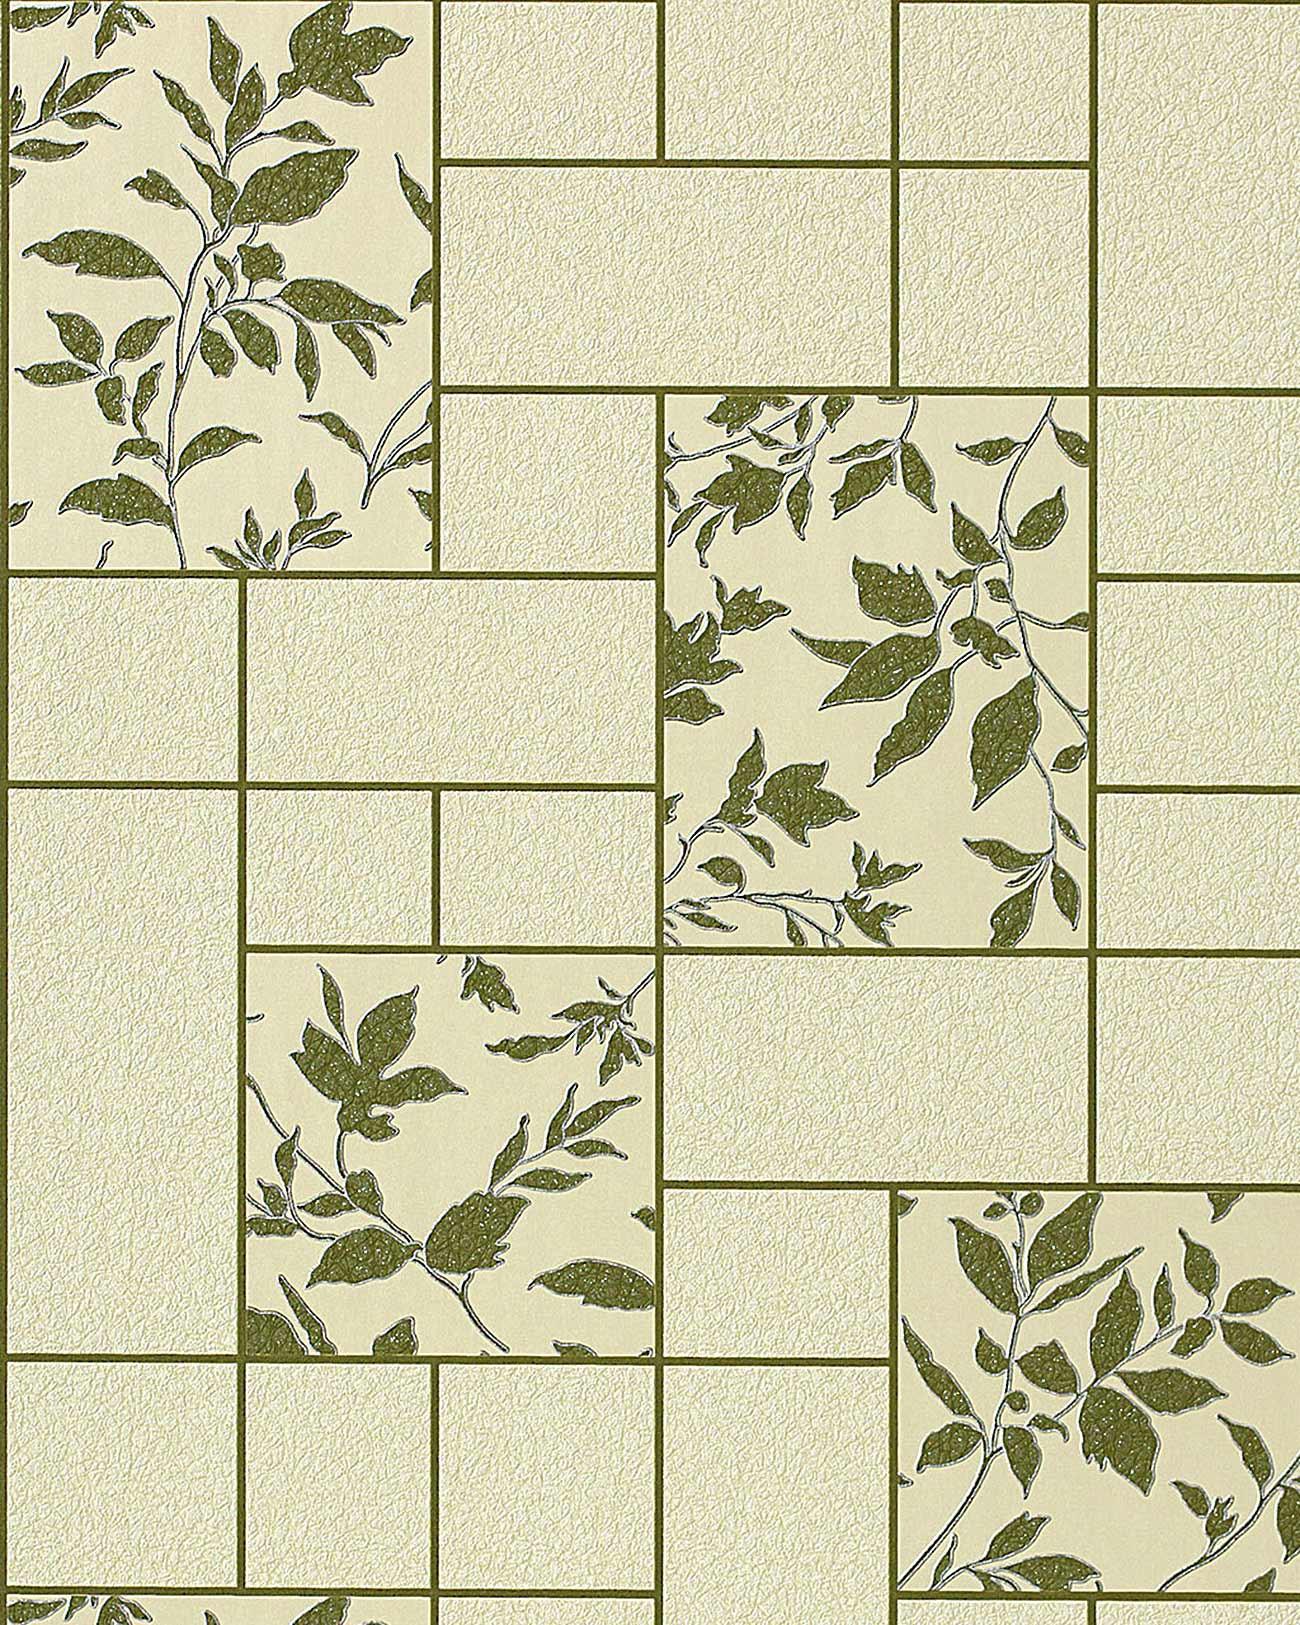 Papier peint moderne cuisine edem 146 25 bain atelier aspect carrelage beige - Papier peint carrelage ...